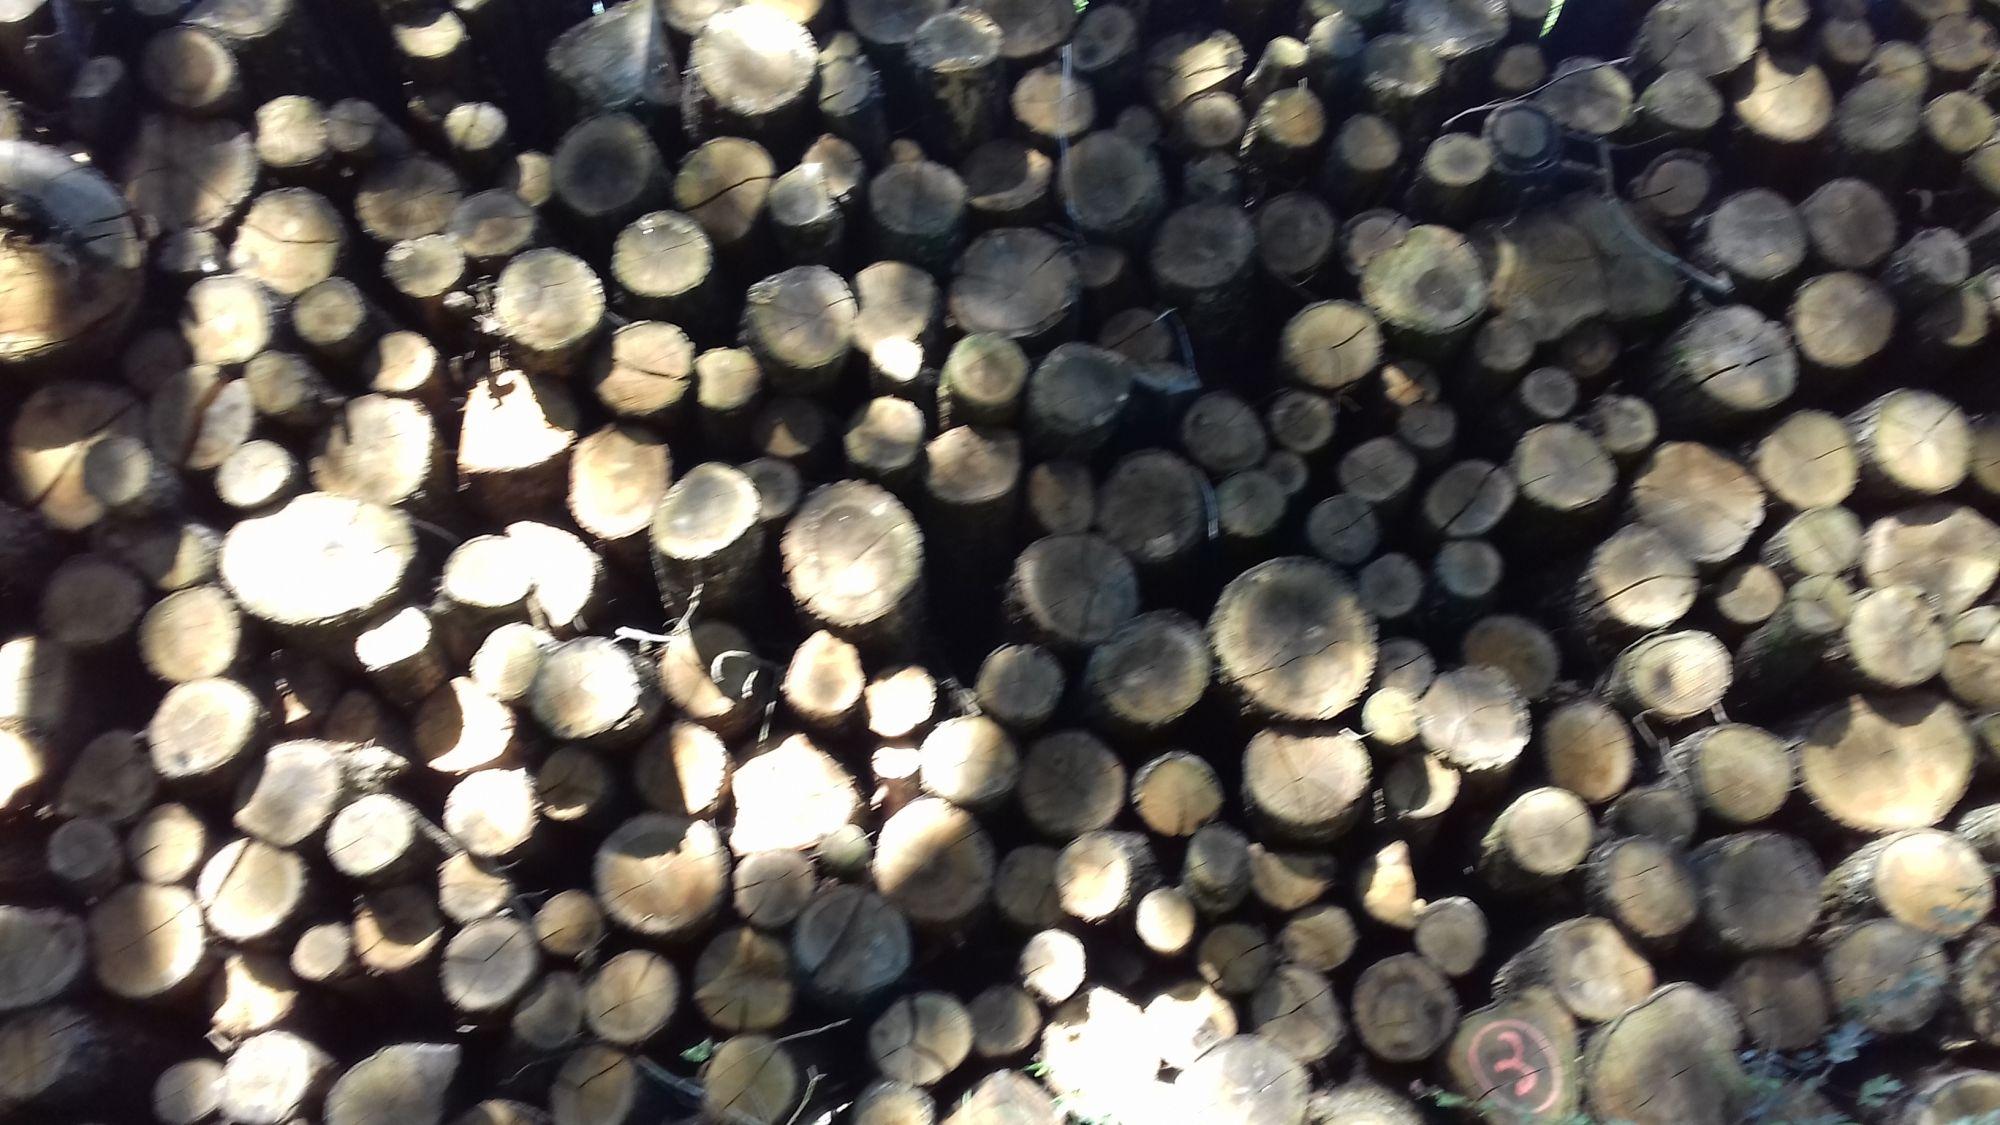 bois de chauffage 02site internet pour revendeur de combustible bois dans l'Aisne